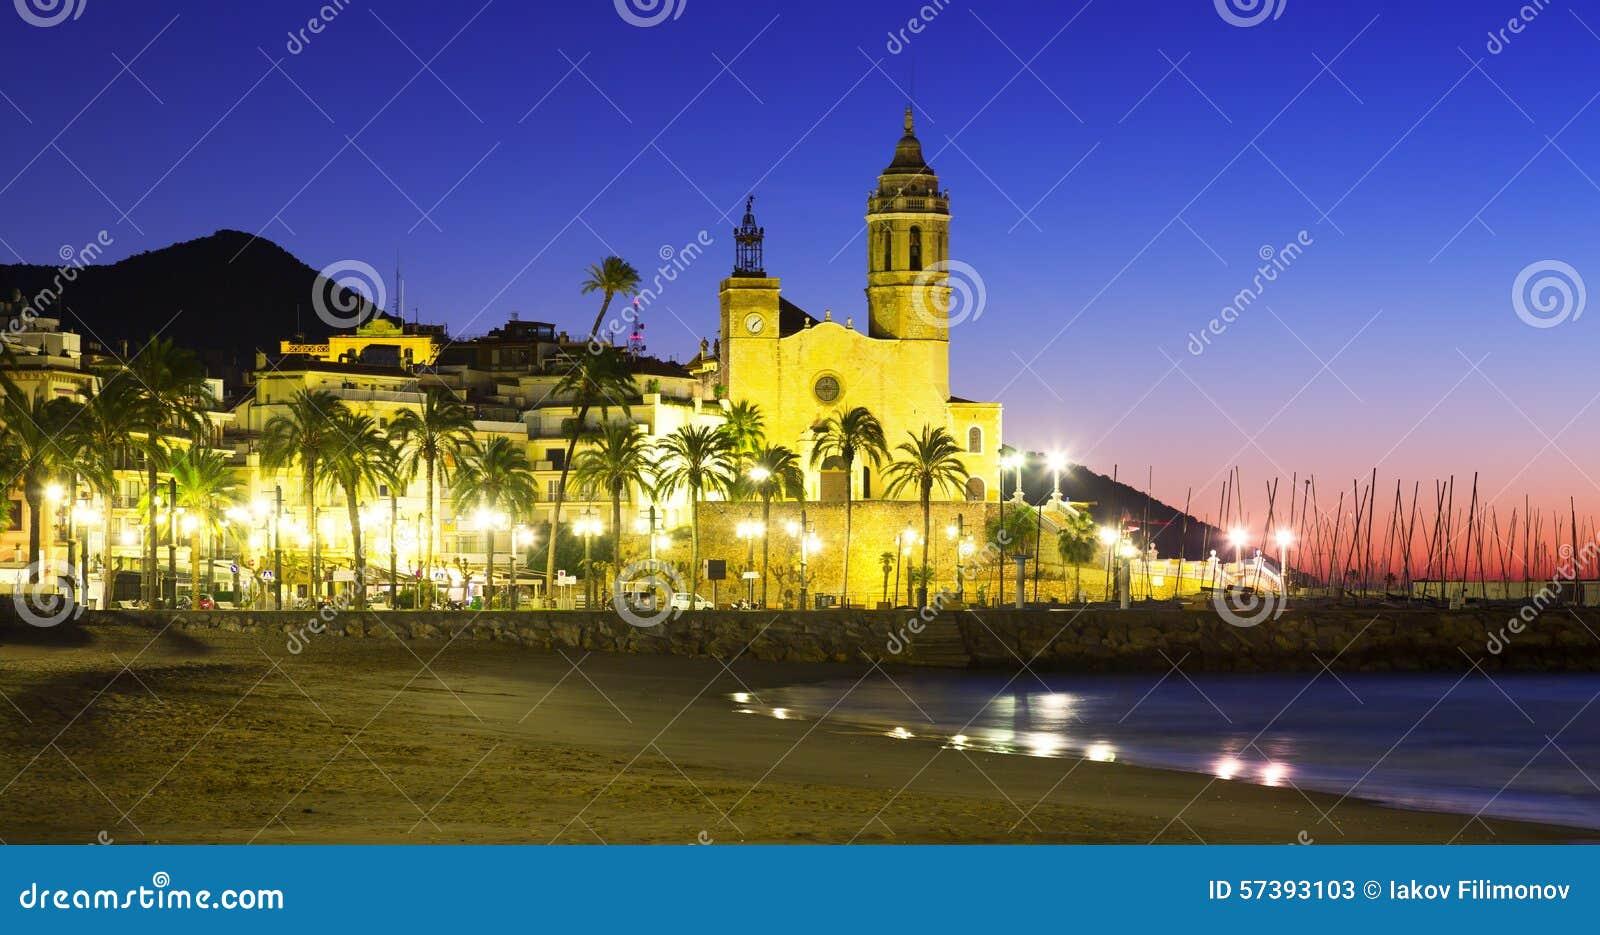 Vroege ochtendmening van kerk in Sitges, Spanje